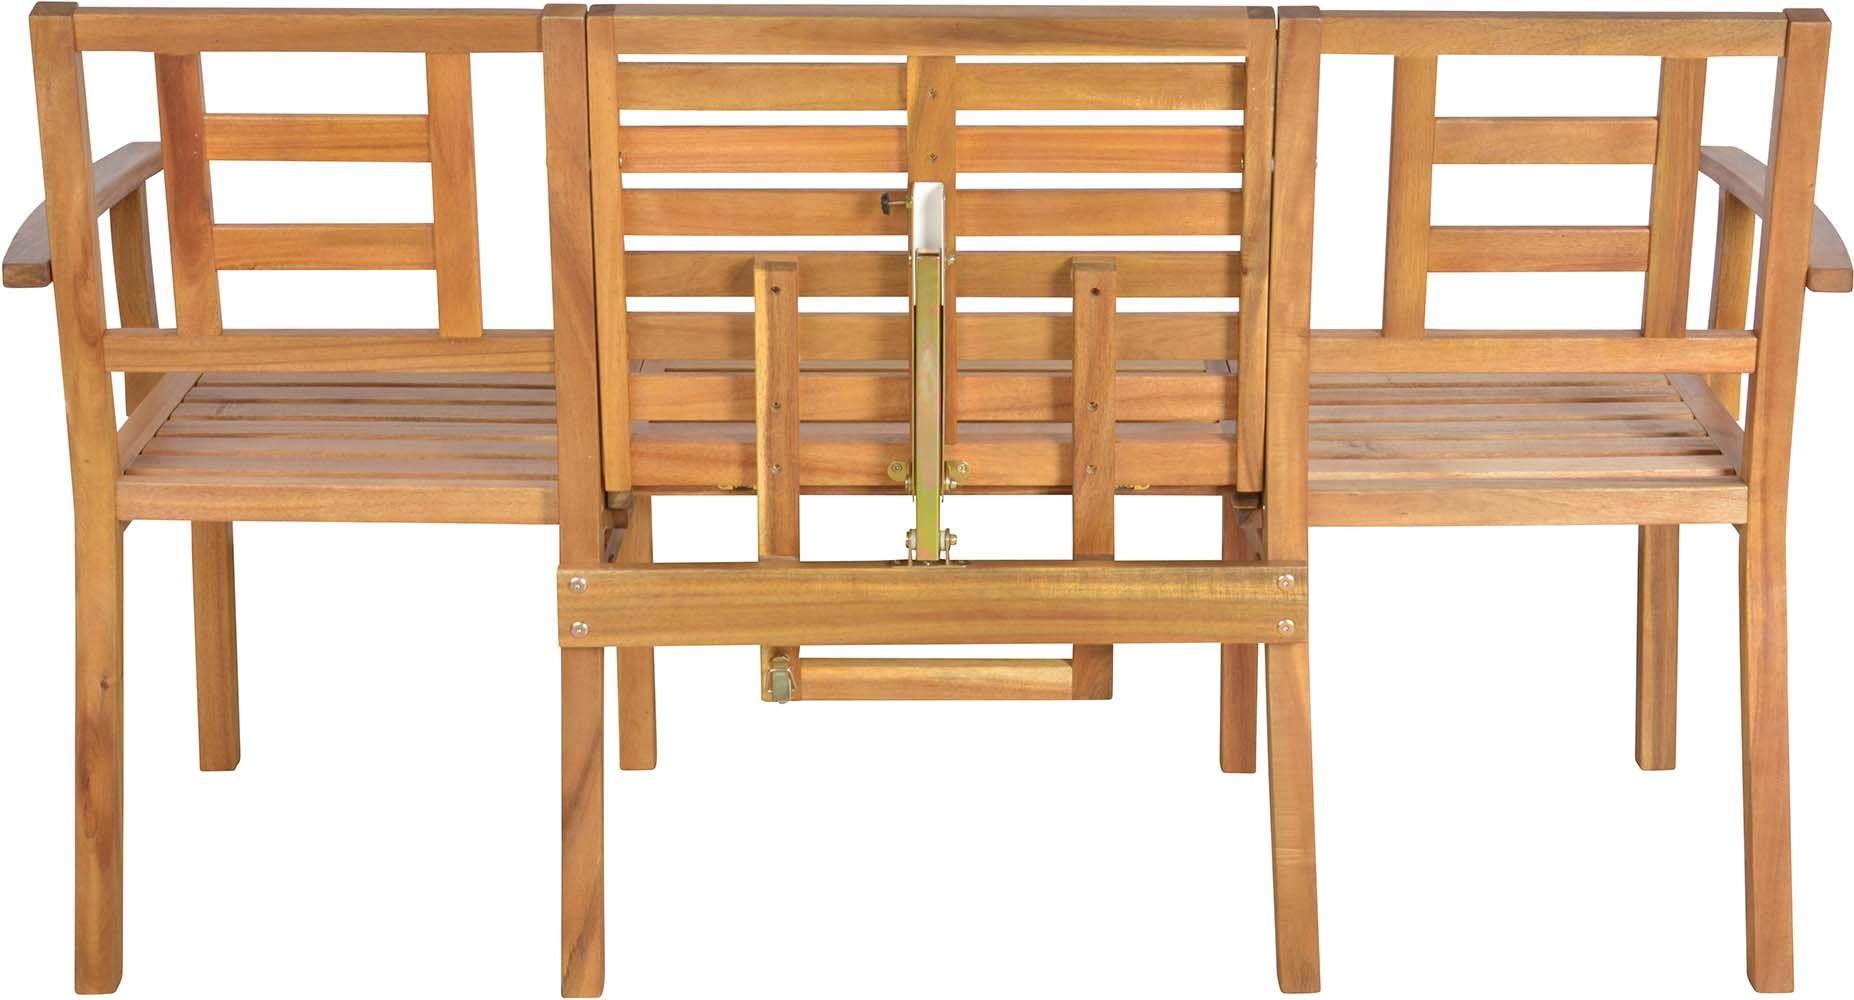 banc de jardin convertible en table chaises en bois. Black Bedroom Furniture Sets. Home Design Ideas